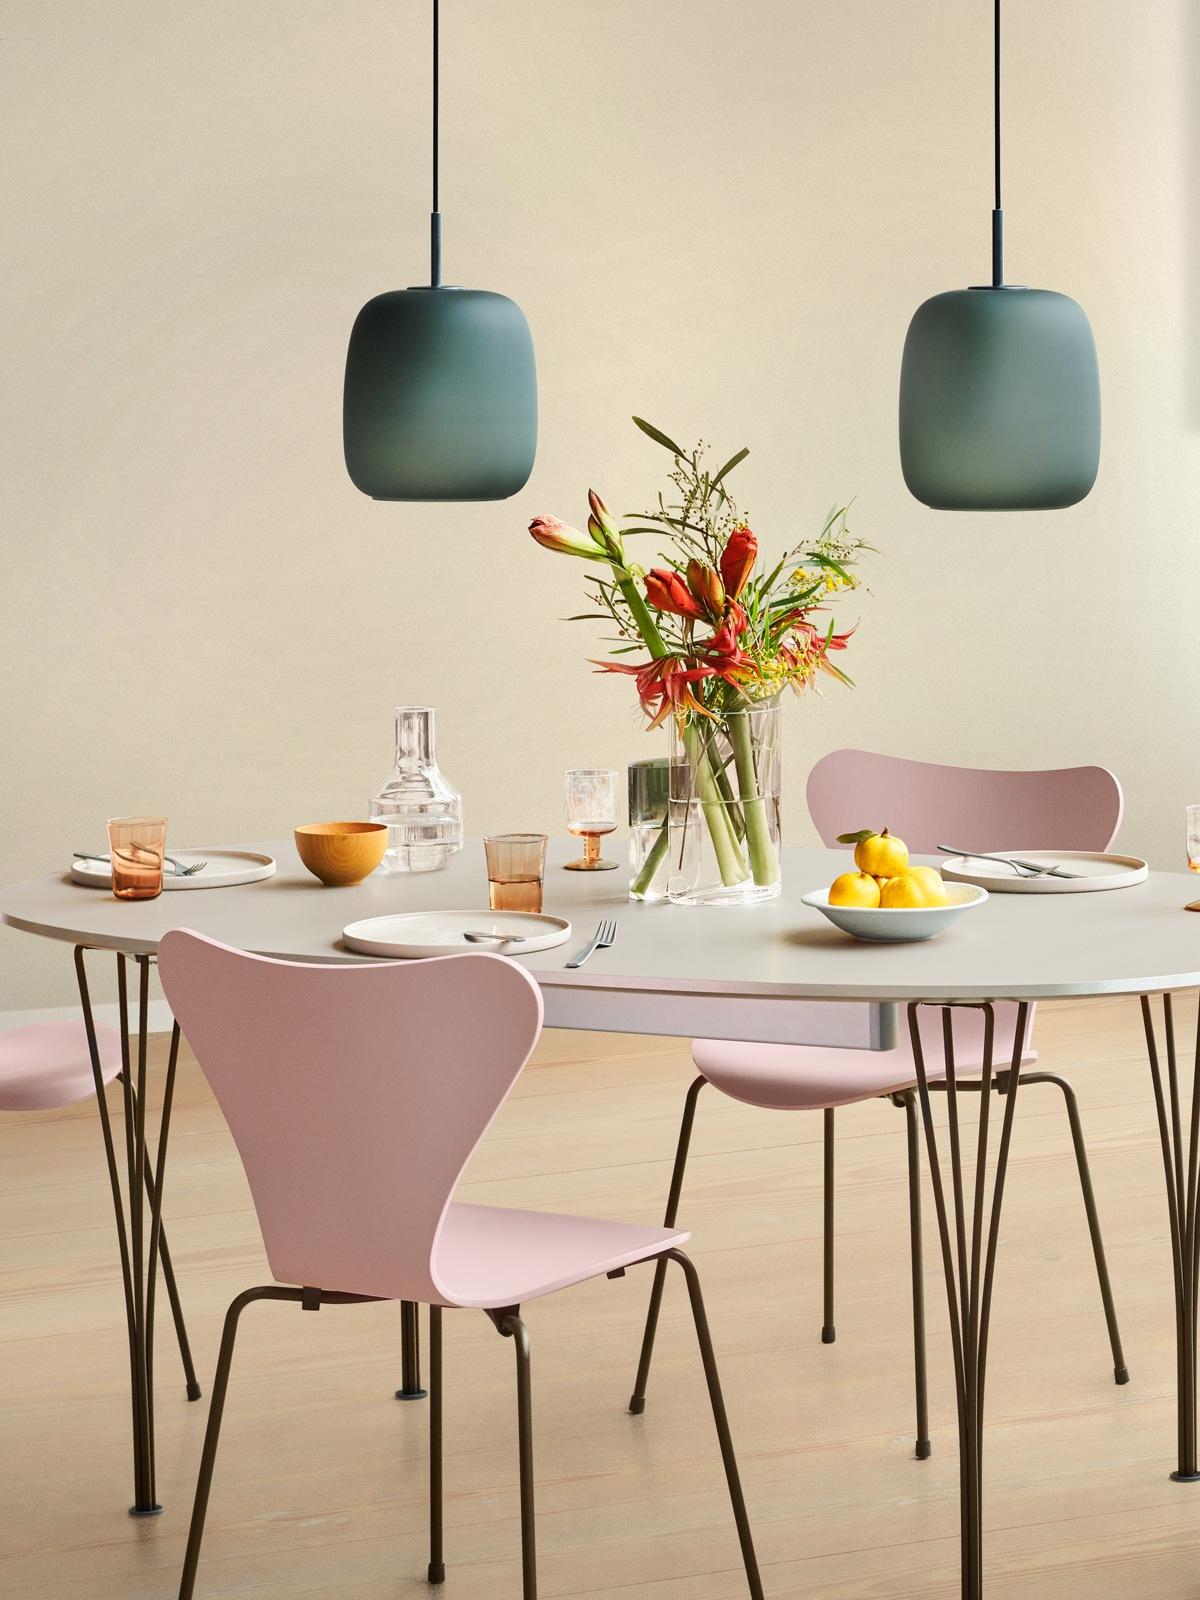 Lampen Blog neue skandinavische Glasleuchten Fritz Hansen Glas Lampe Maluma DesignOrt Onlineshop Leuchten